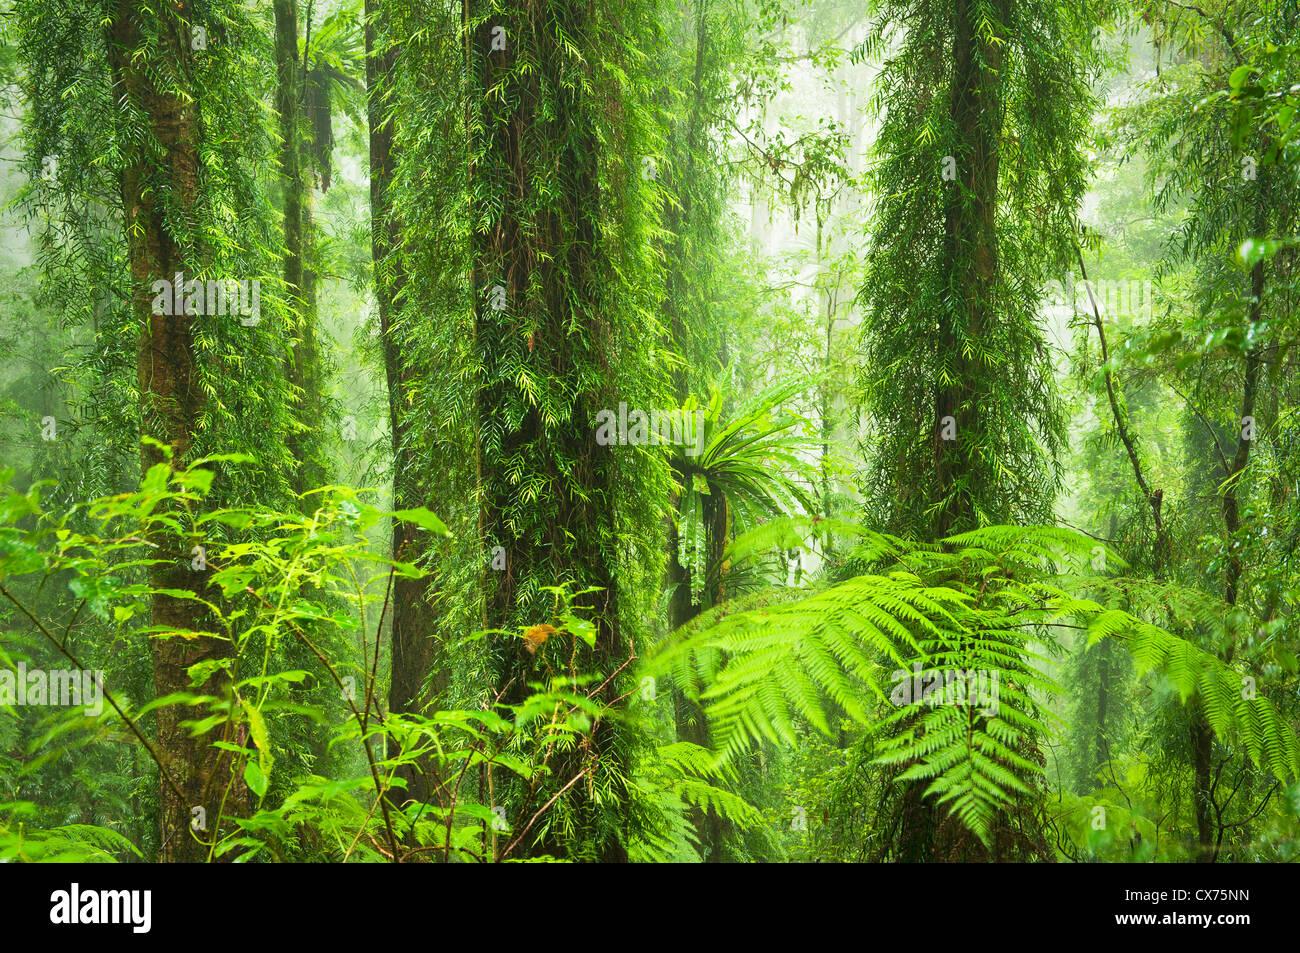 Dorrigo Rainforest in mist. - Stock Image